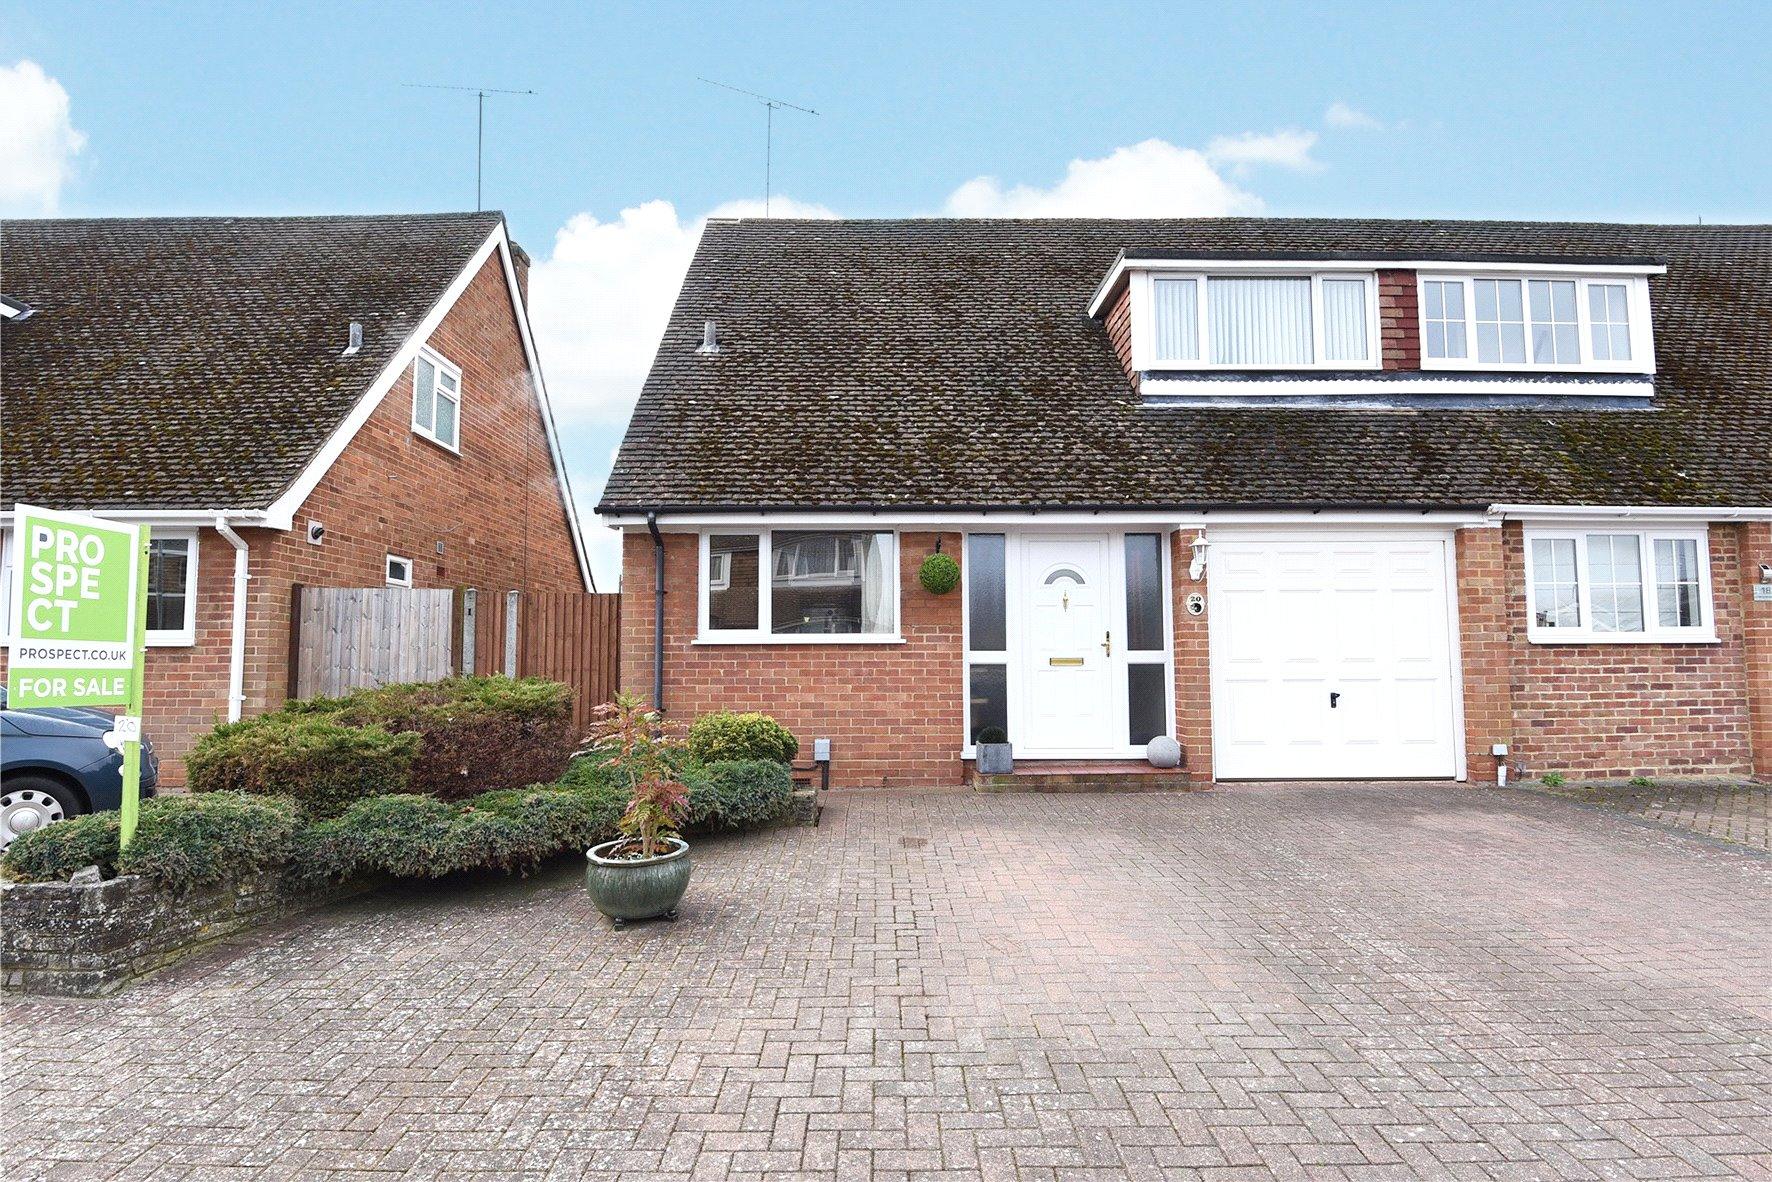 3 Bedrooms Semi Detached House for sale in Deerhurst Avenue, Winnersh, Wokingham, Berkshire, RG41